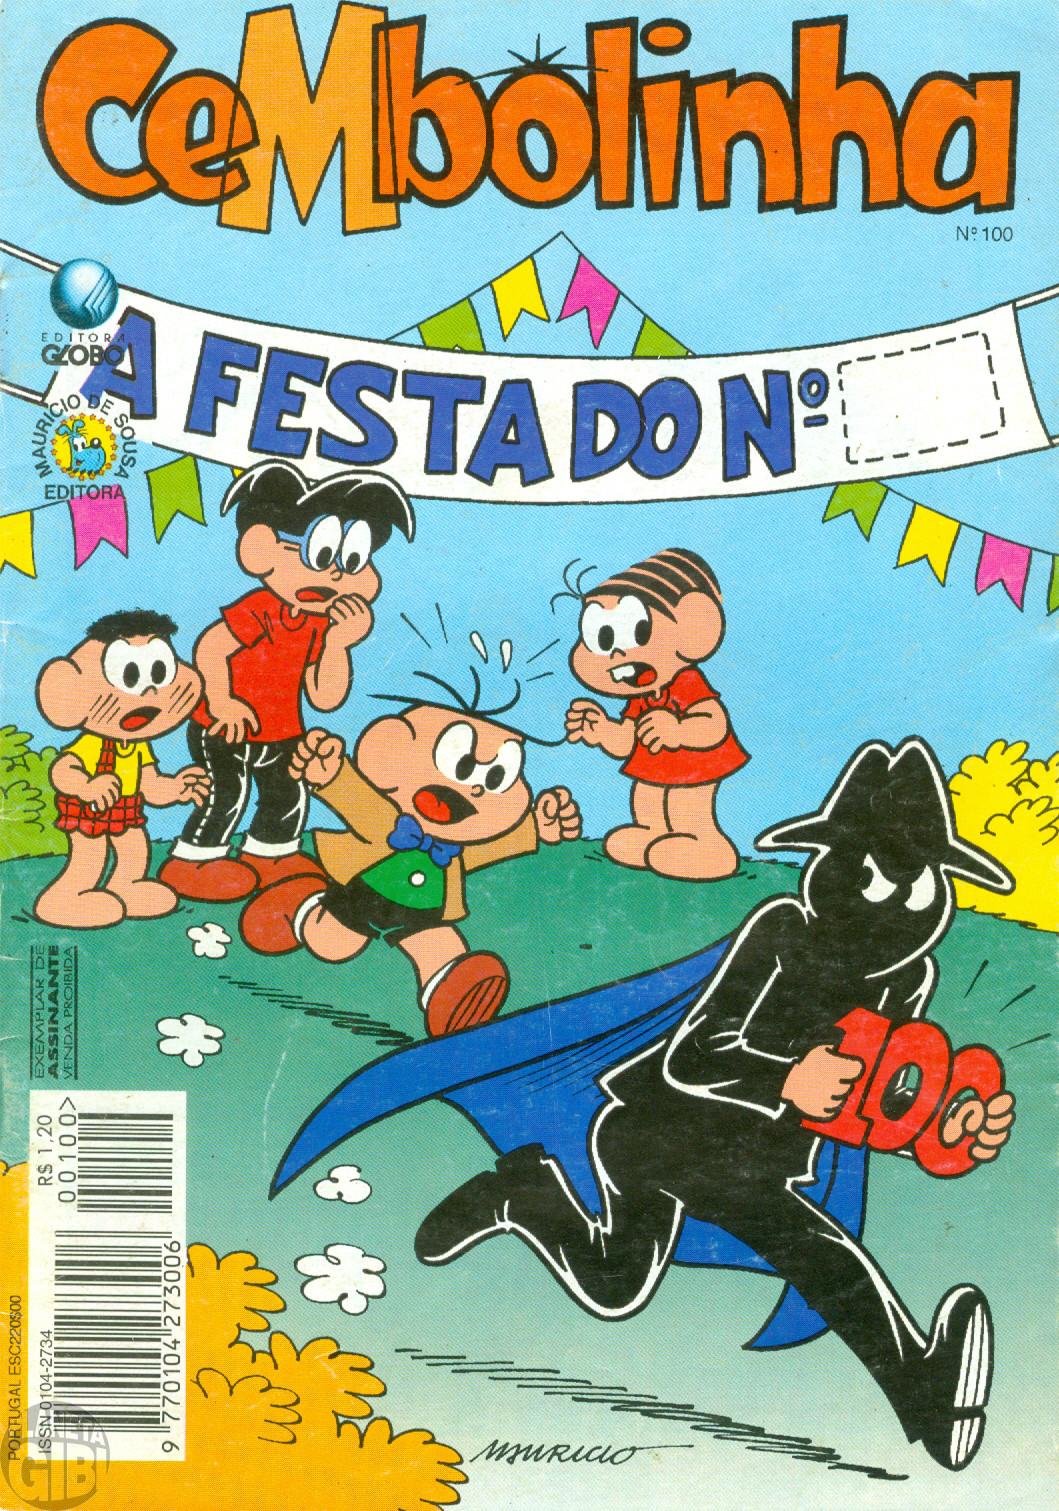 Cebolinha [2ª série - Globo] nº 100 abr/1995 - Comemorativo!